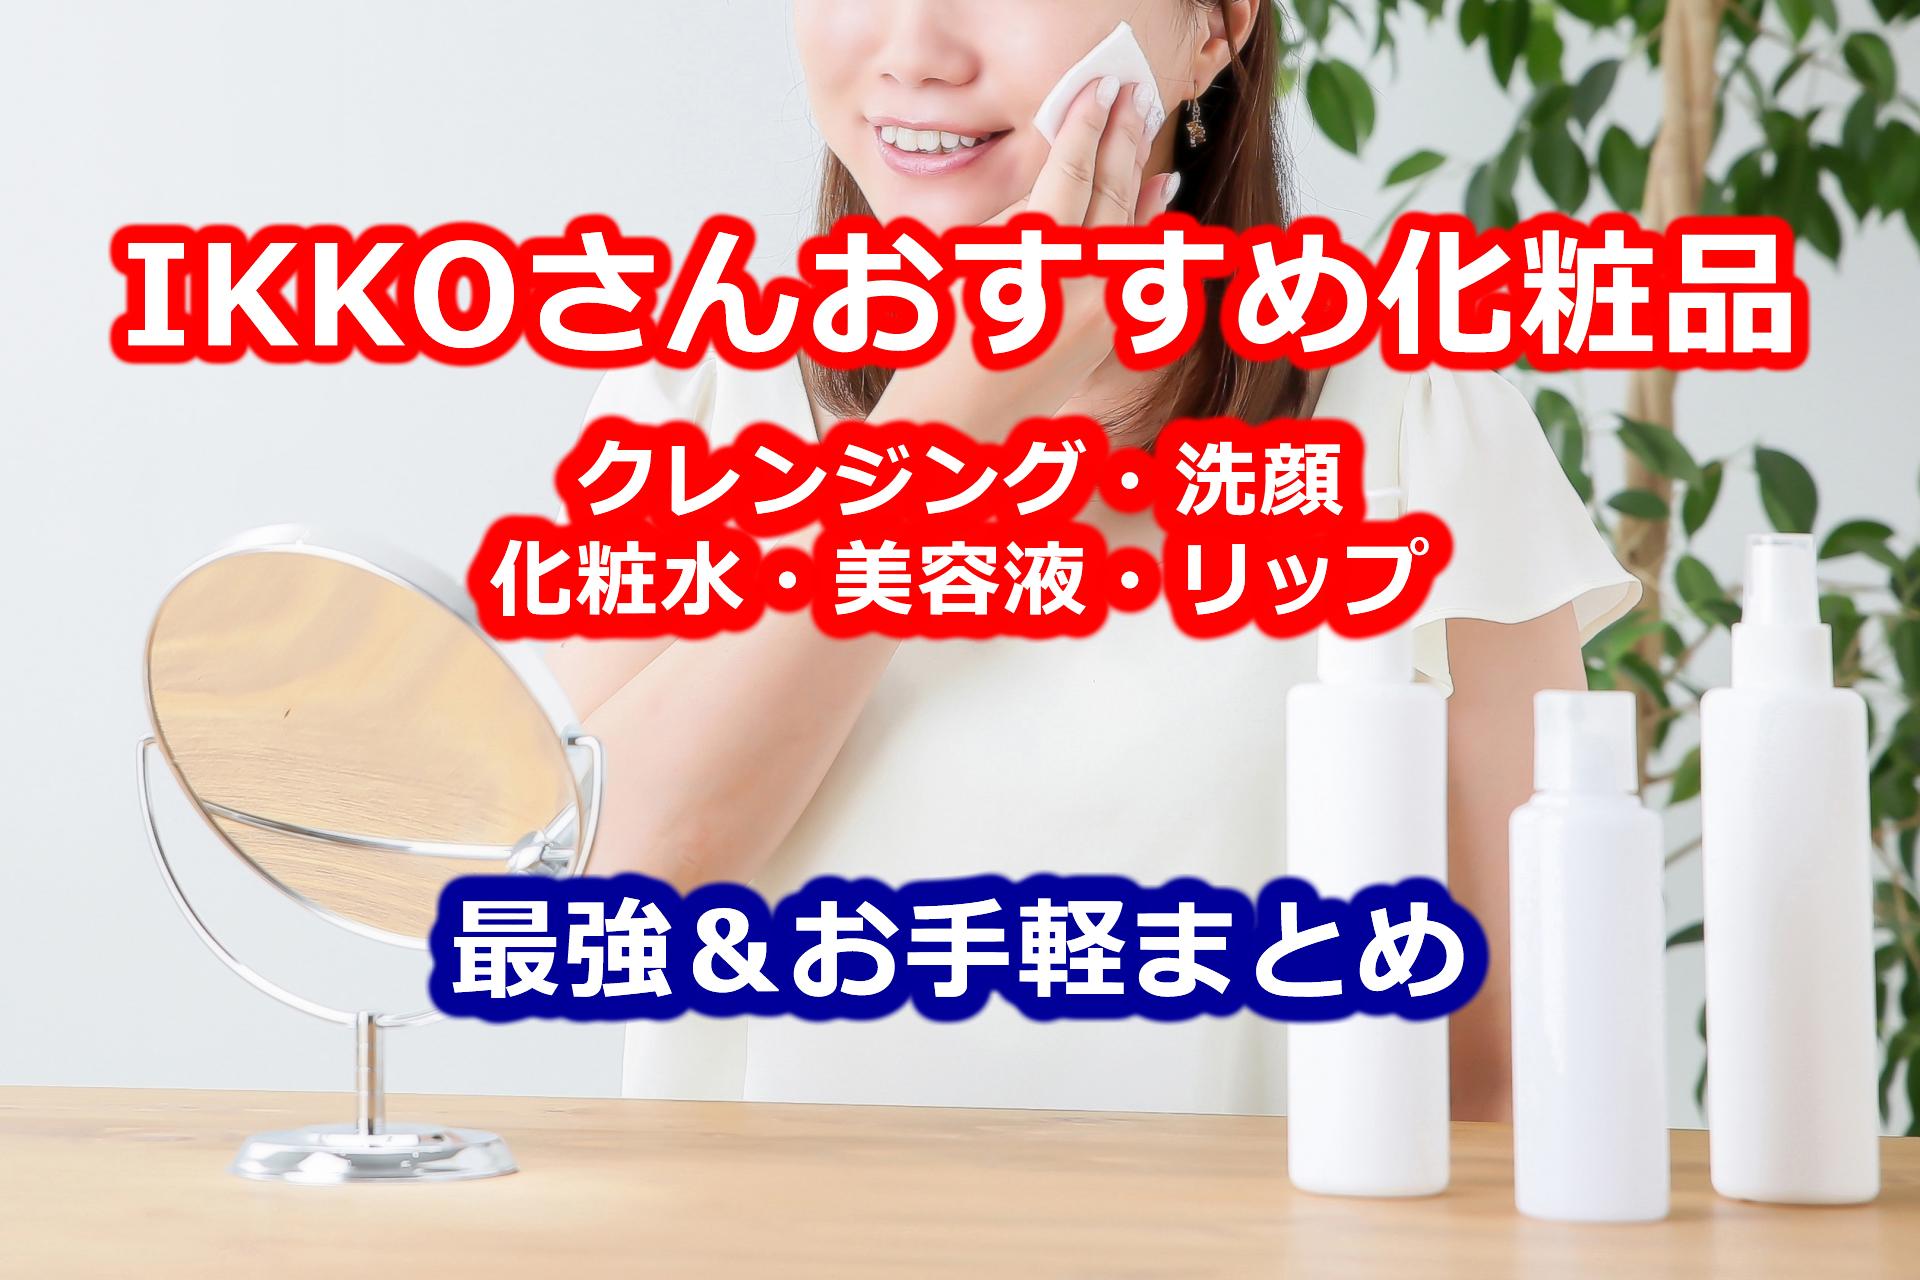 ikko おすすめ 洗顔